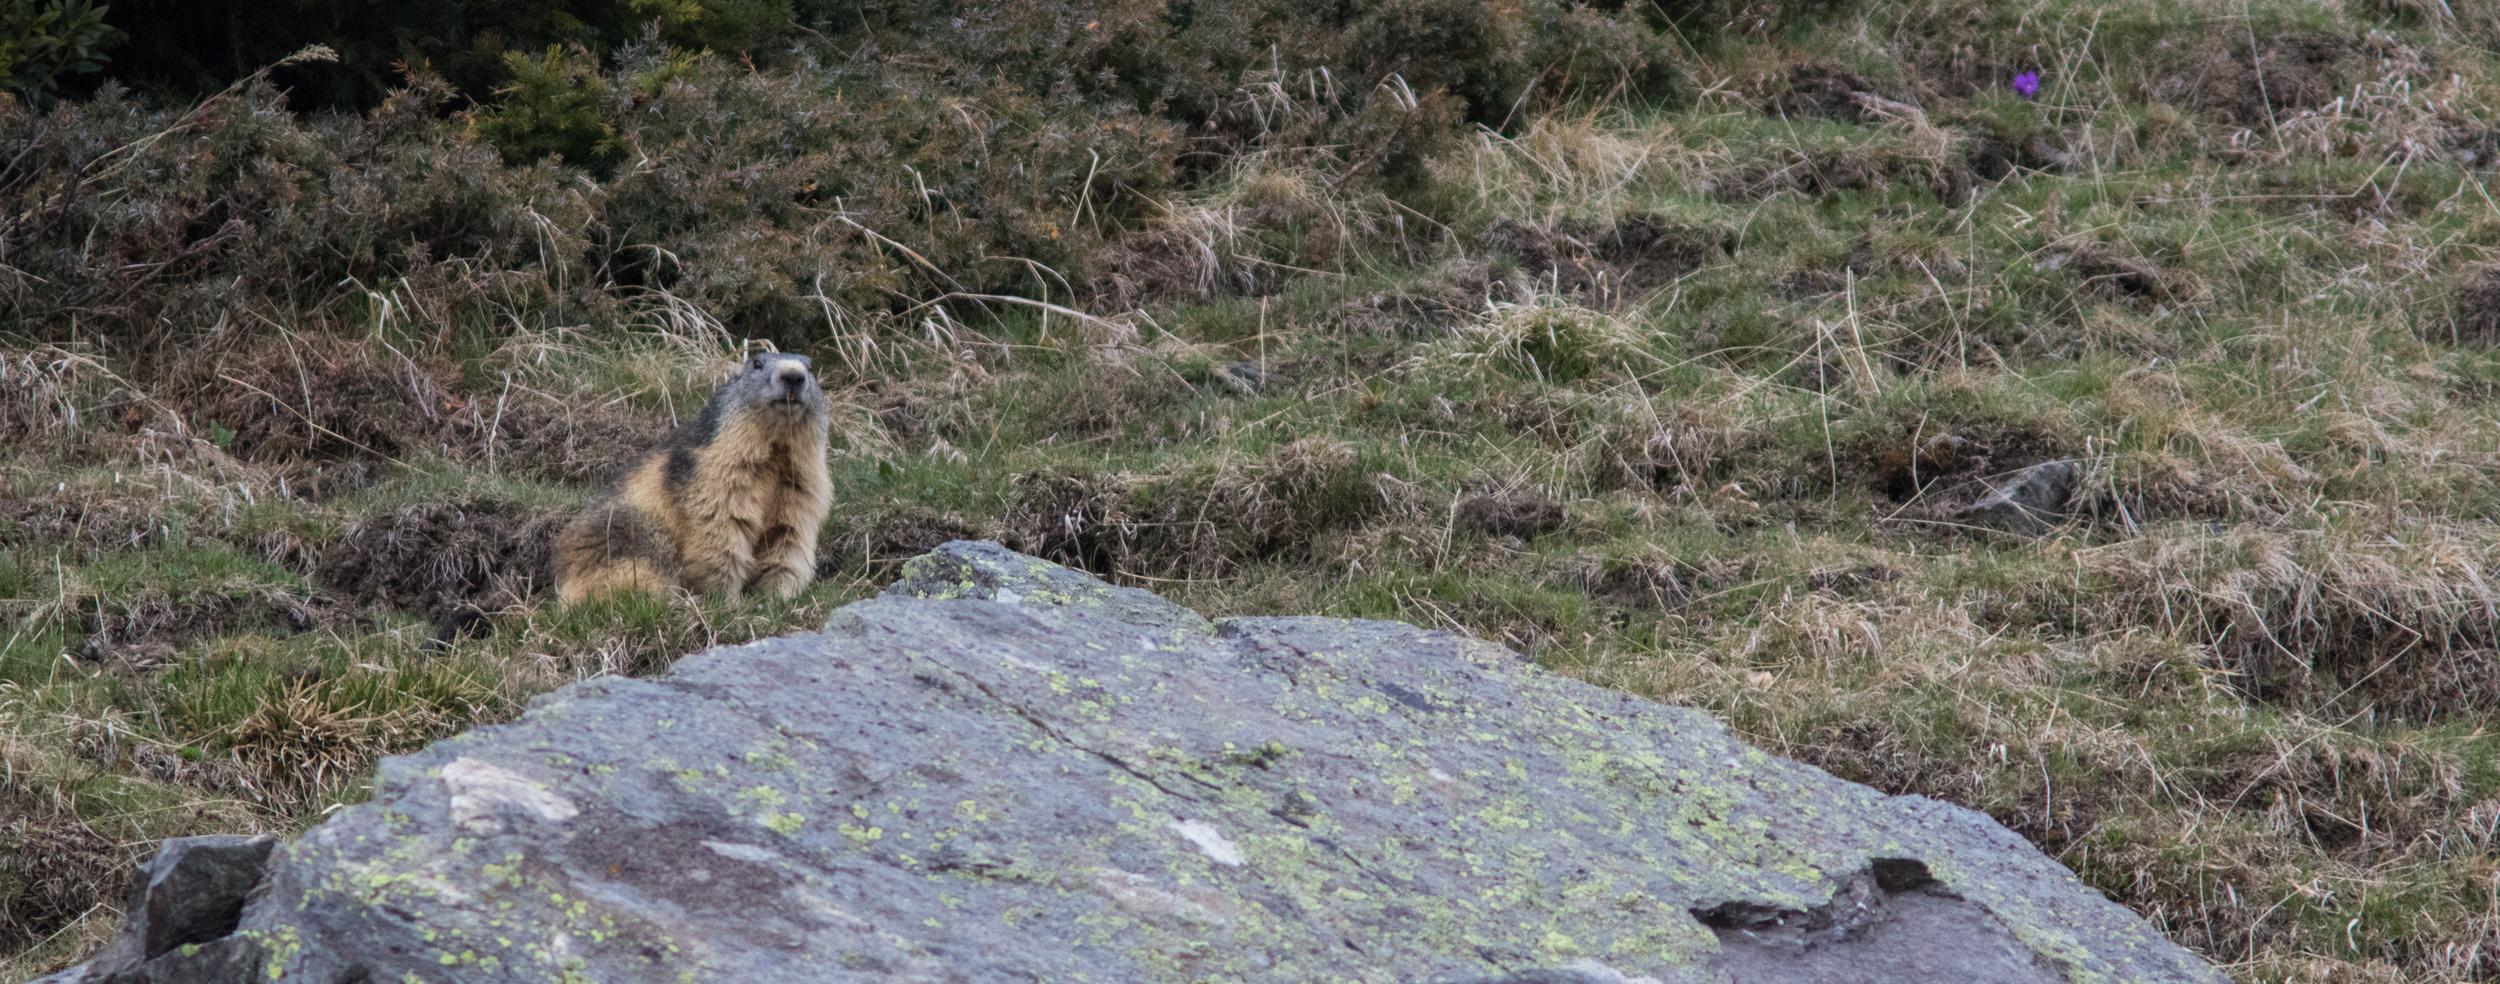 Marmot (Marmota marmota).